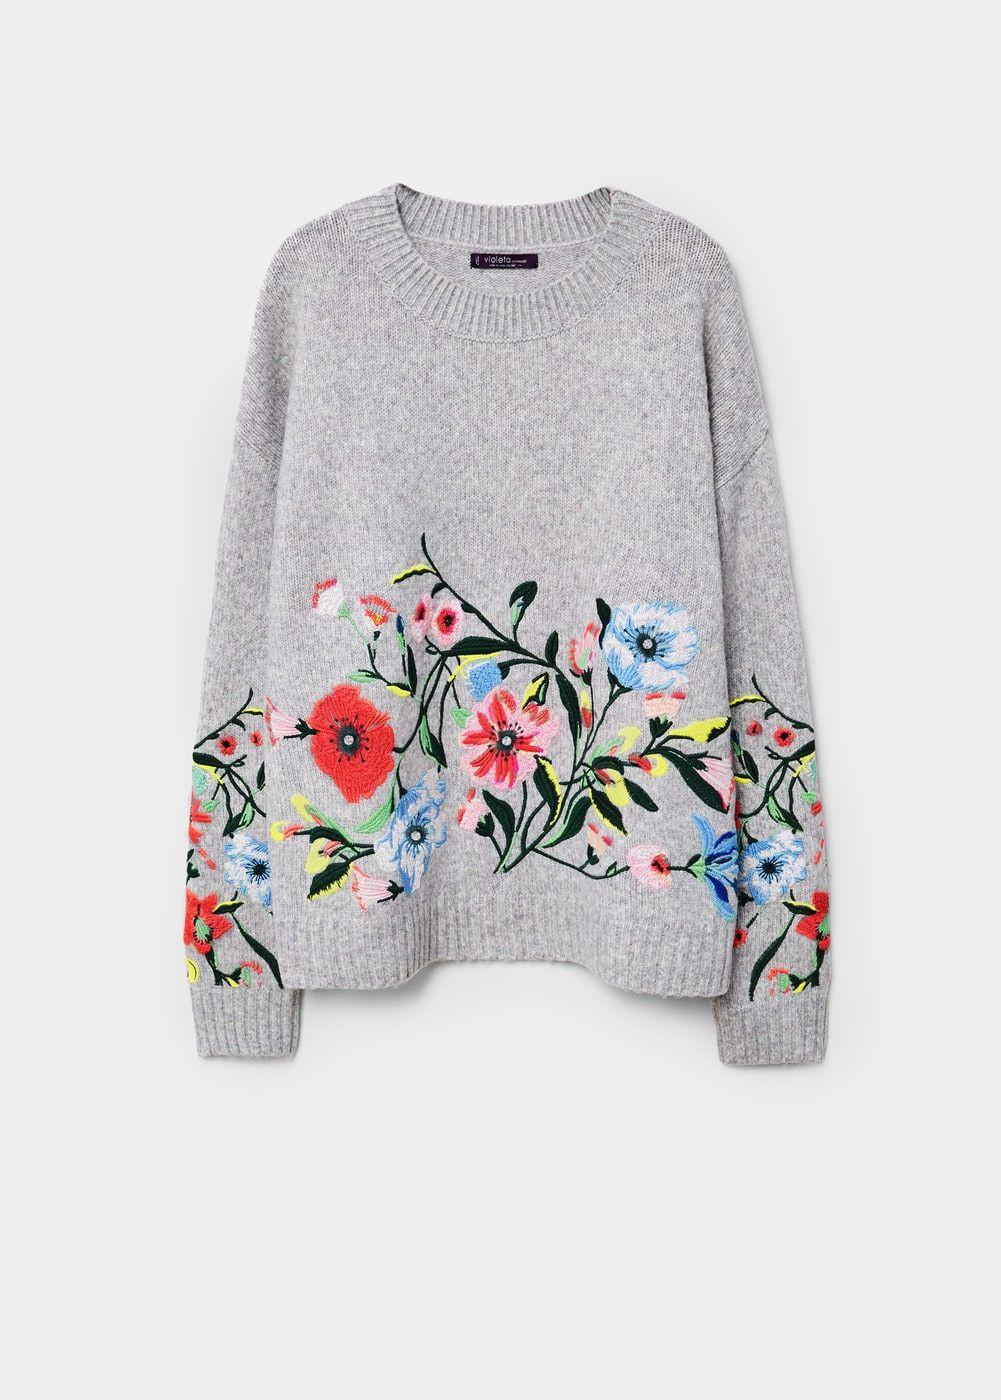 Jersey bordado floral - Cárdigans y jerséis Tallas grandes | Style ...